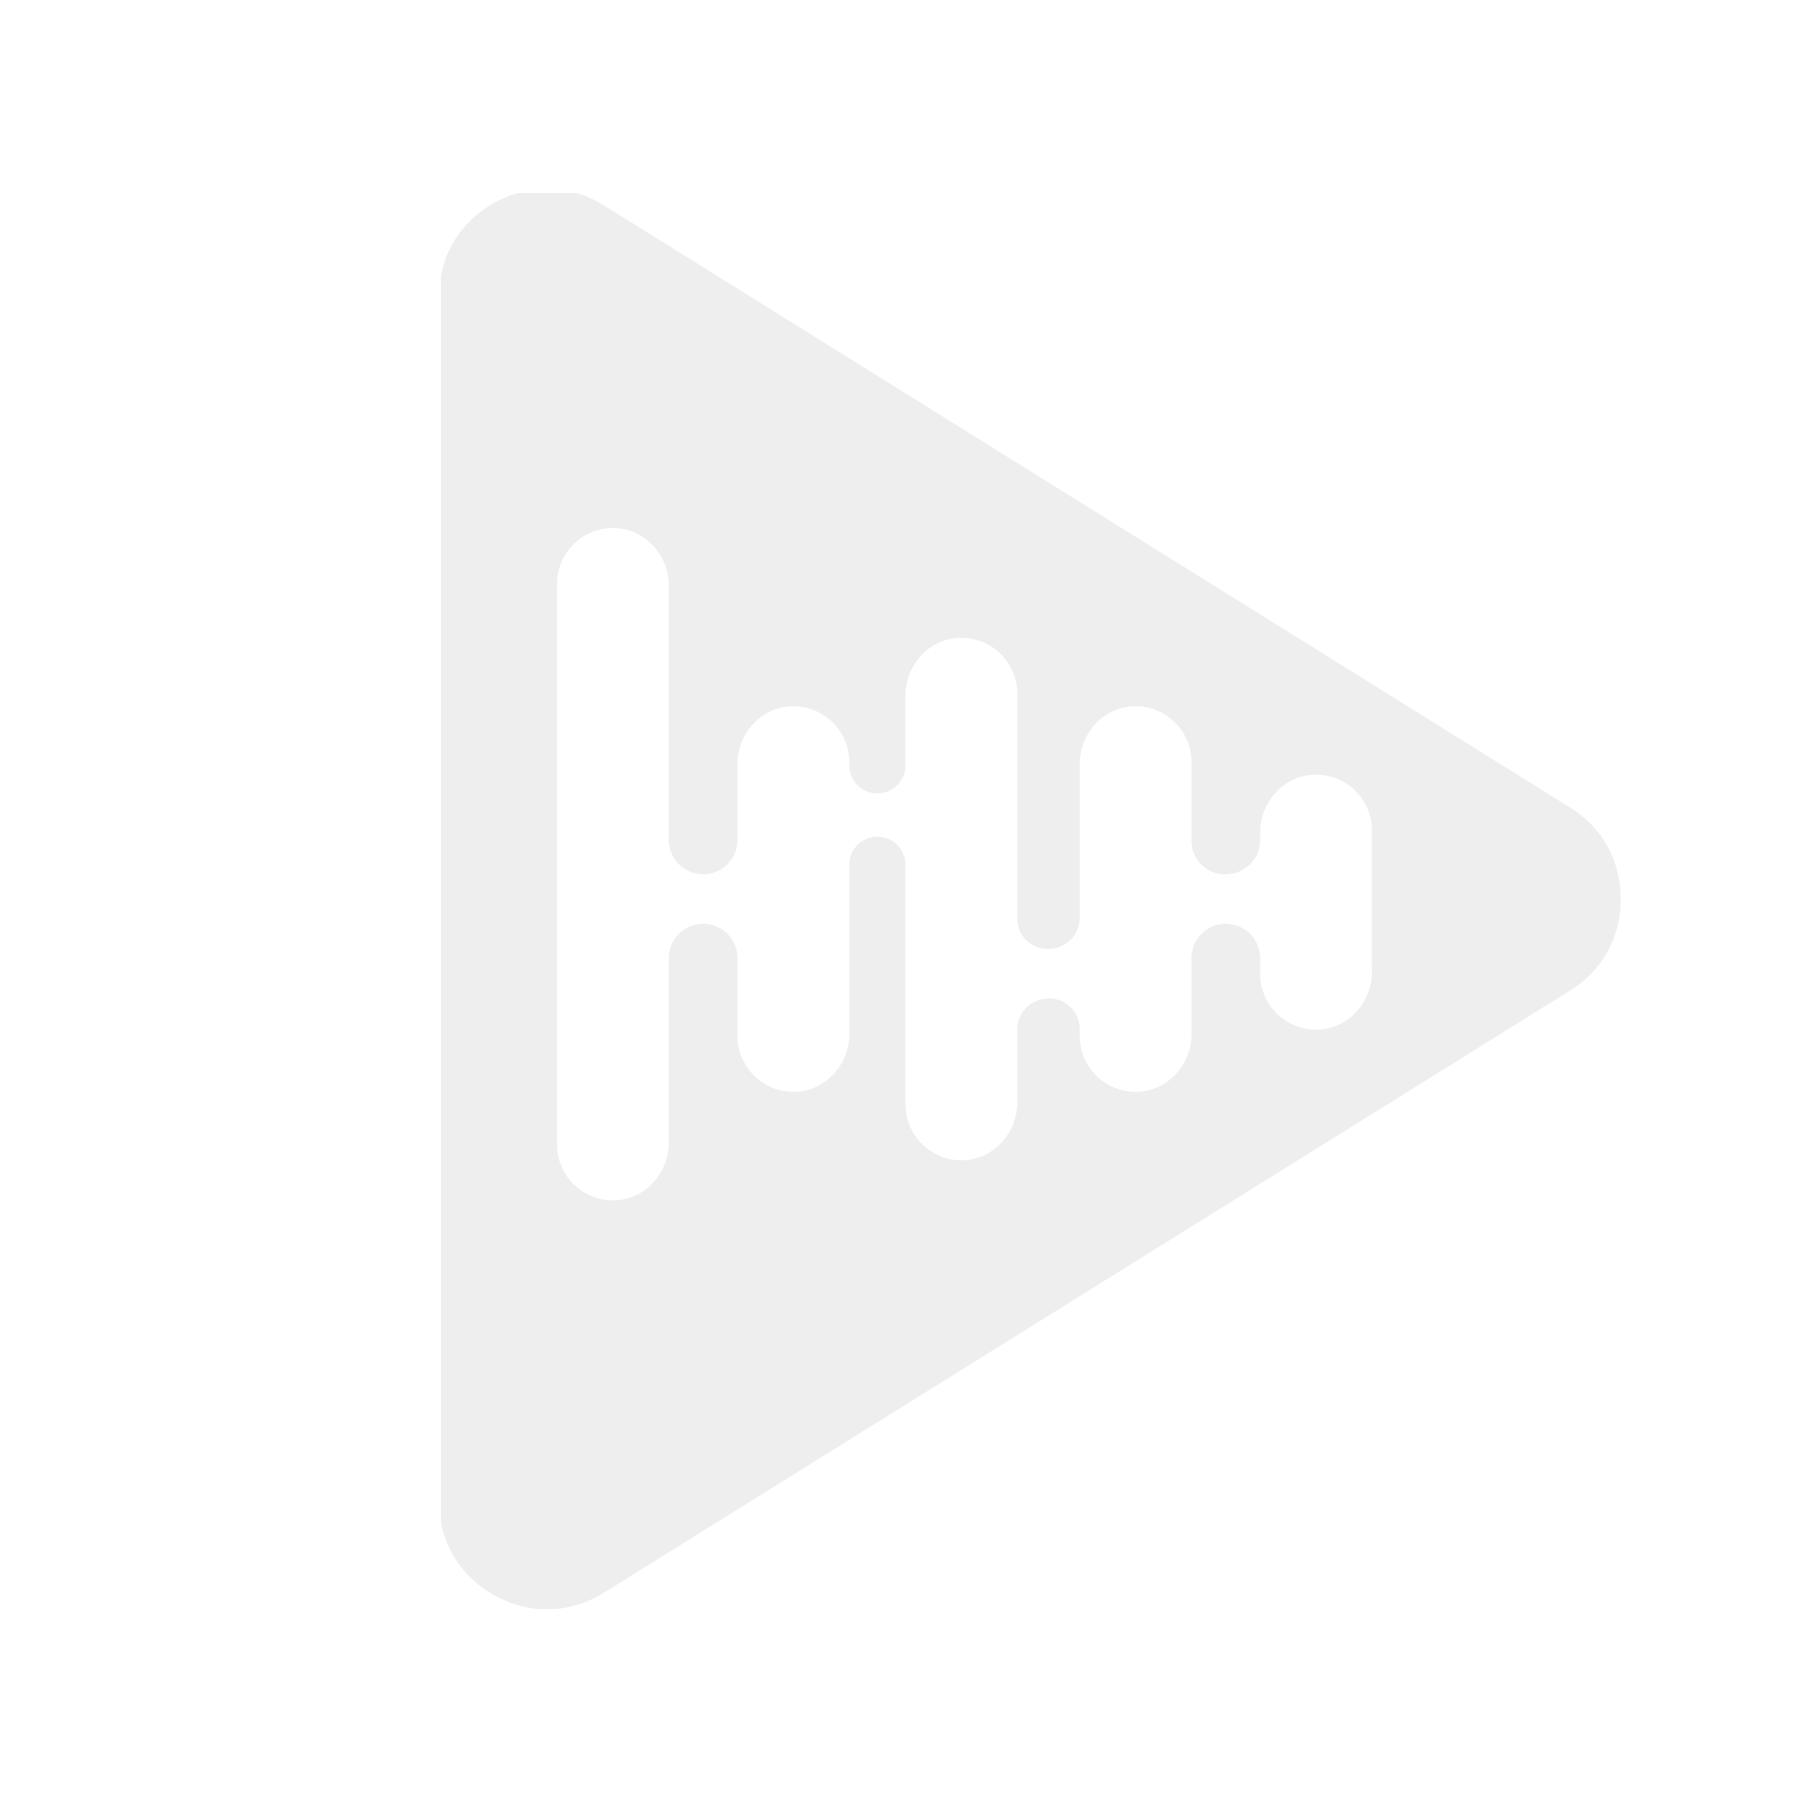 Oehlbach MMT SPEAKER - PRO IN stereo banan-innsats, skruterminal bak